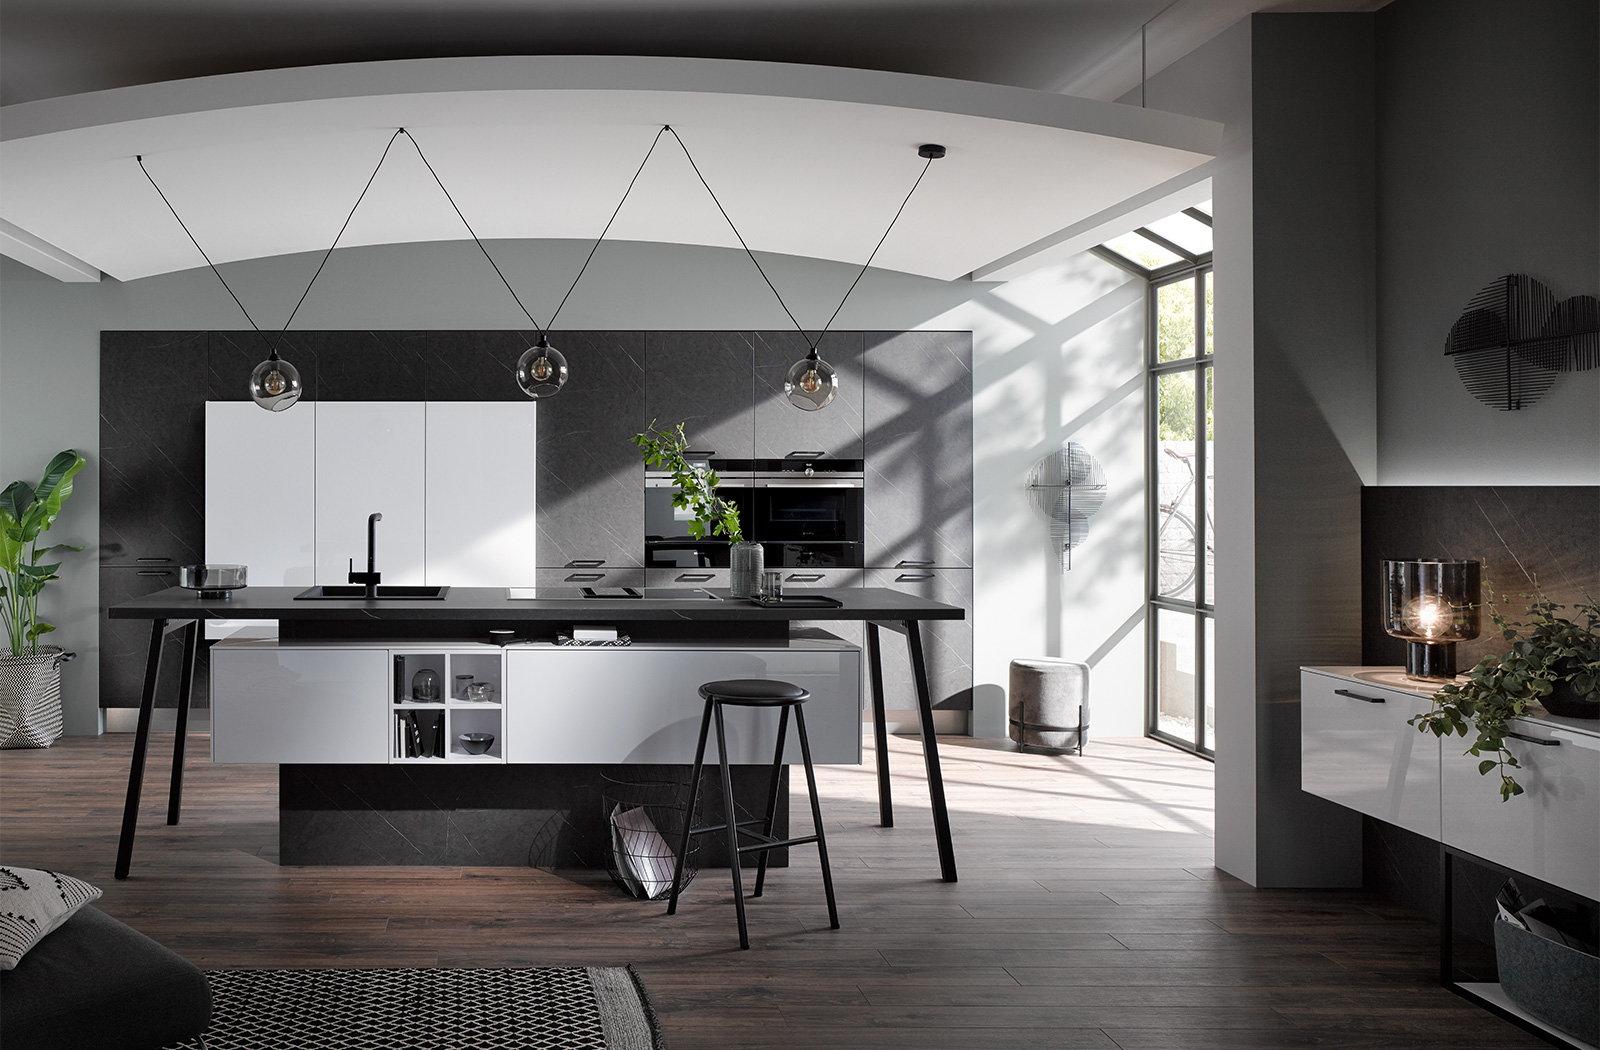 Design parallel keuken met keukenblok in tafel vorm, Häcker keuken 2045 4030 donker marmer wit